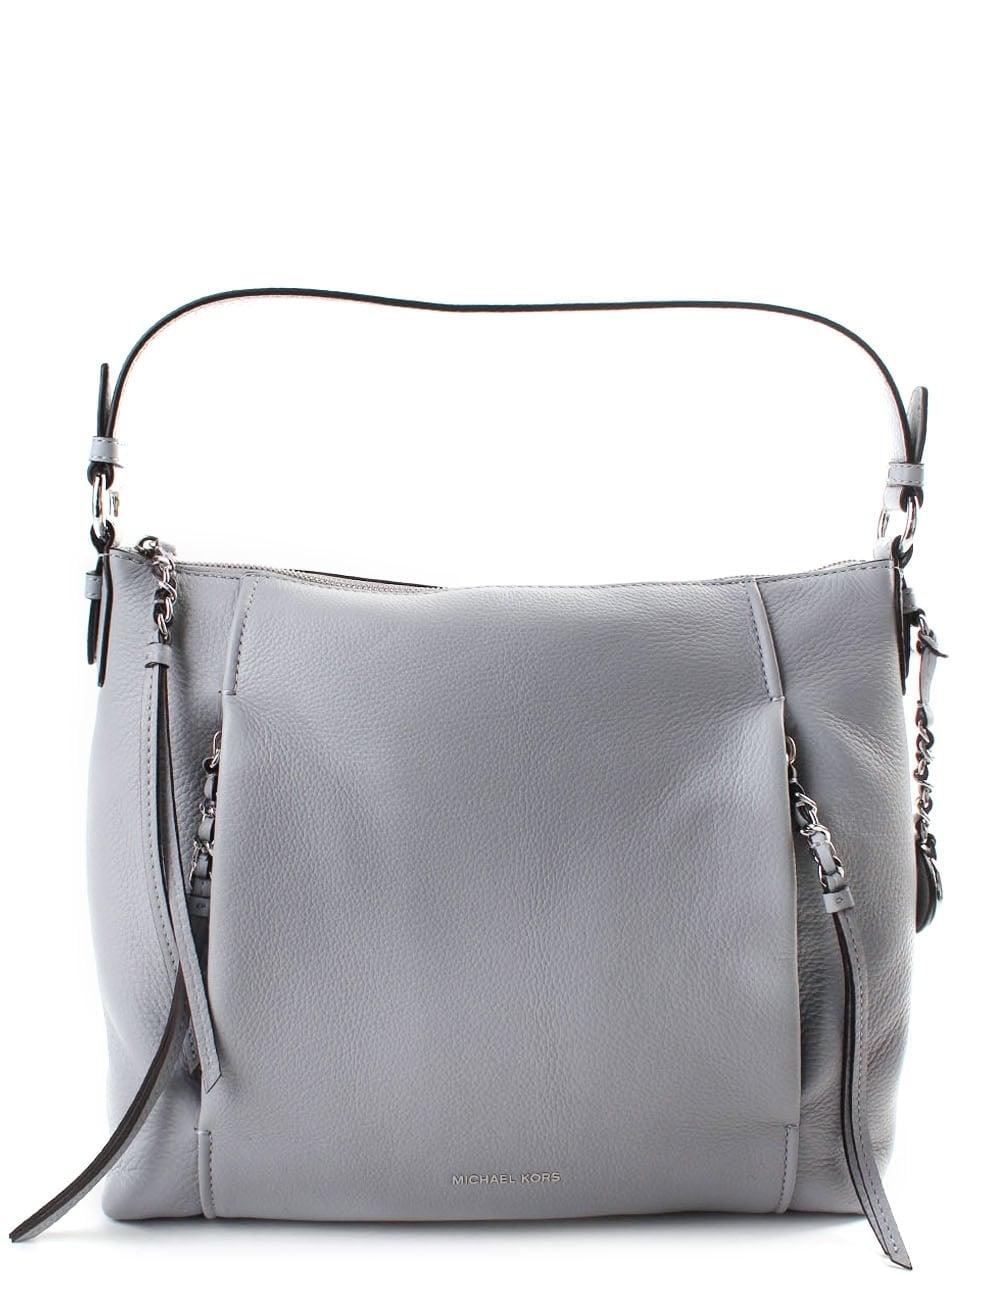 e642e598c830 Michael Kors Corrine Large Women s Shoulder Bag Black